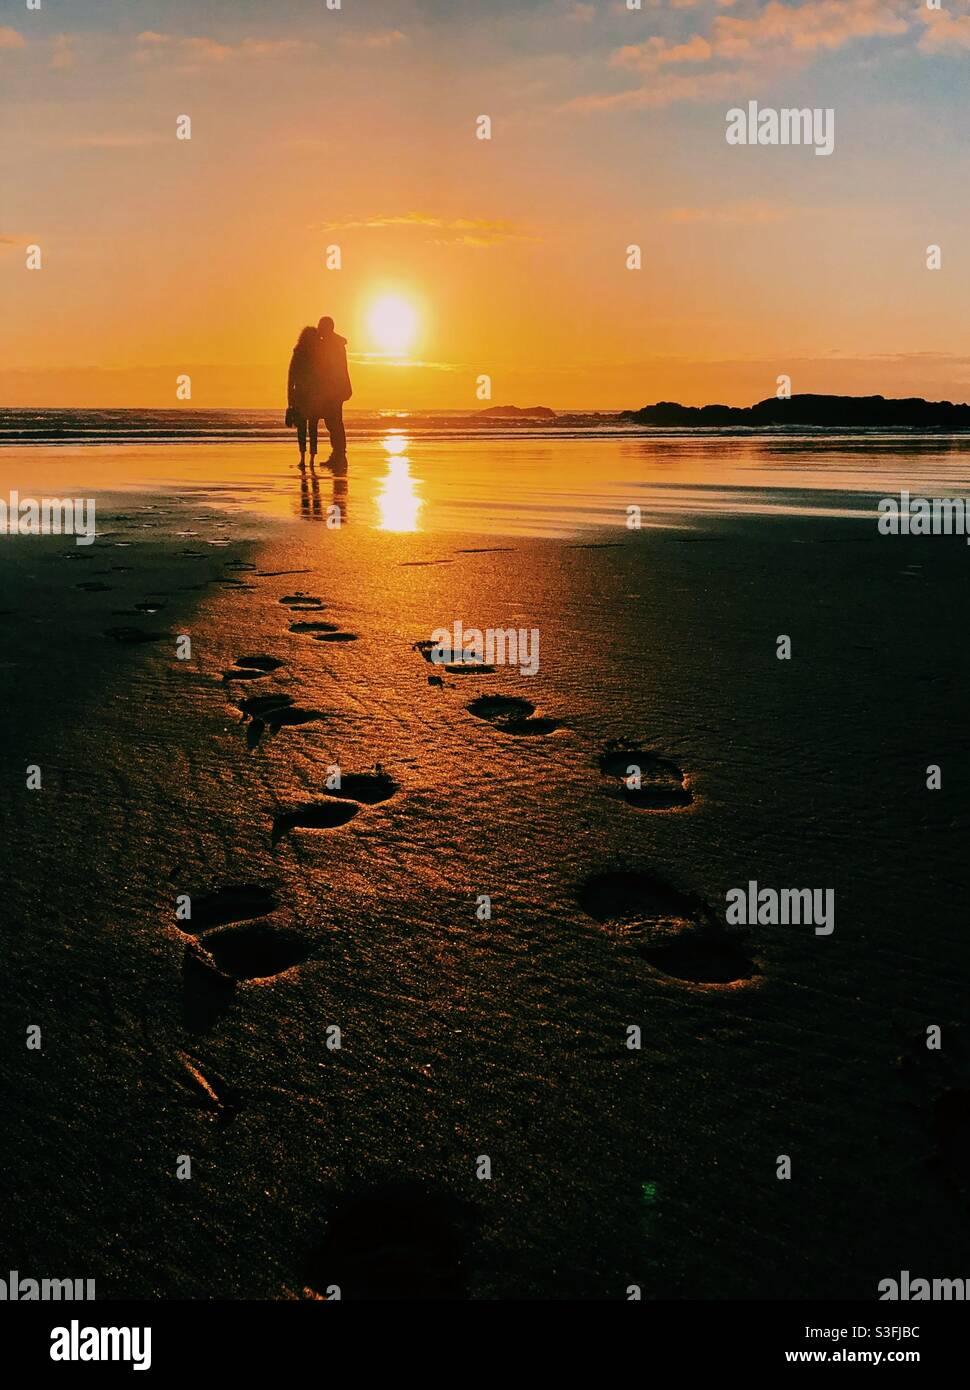 Ein Paar sah den Sonnenuntergang an einem Strand, Fußabdrücke führten zu ihnen Stockfoto